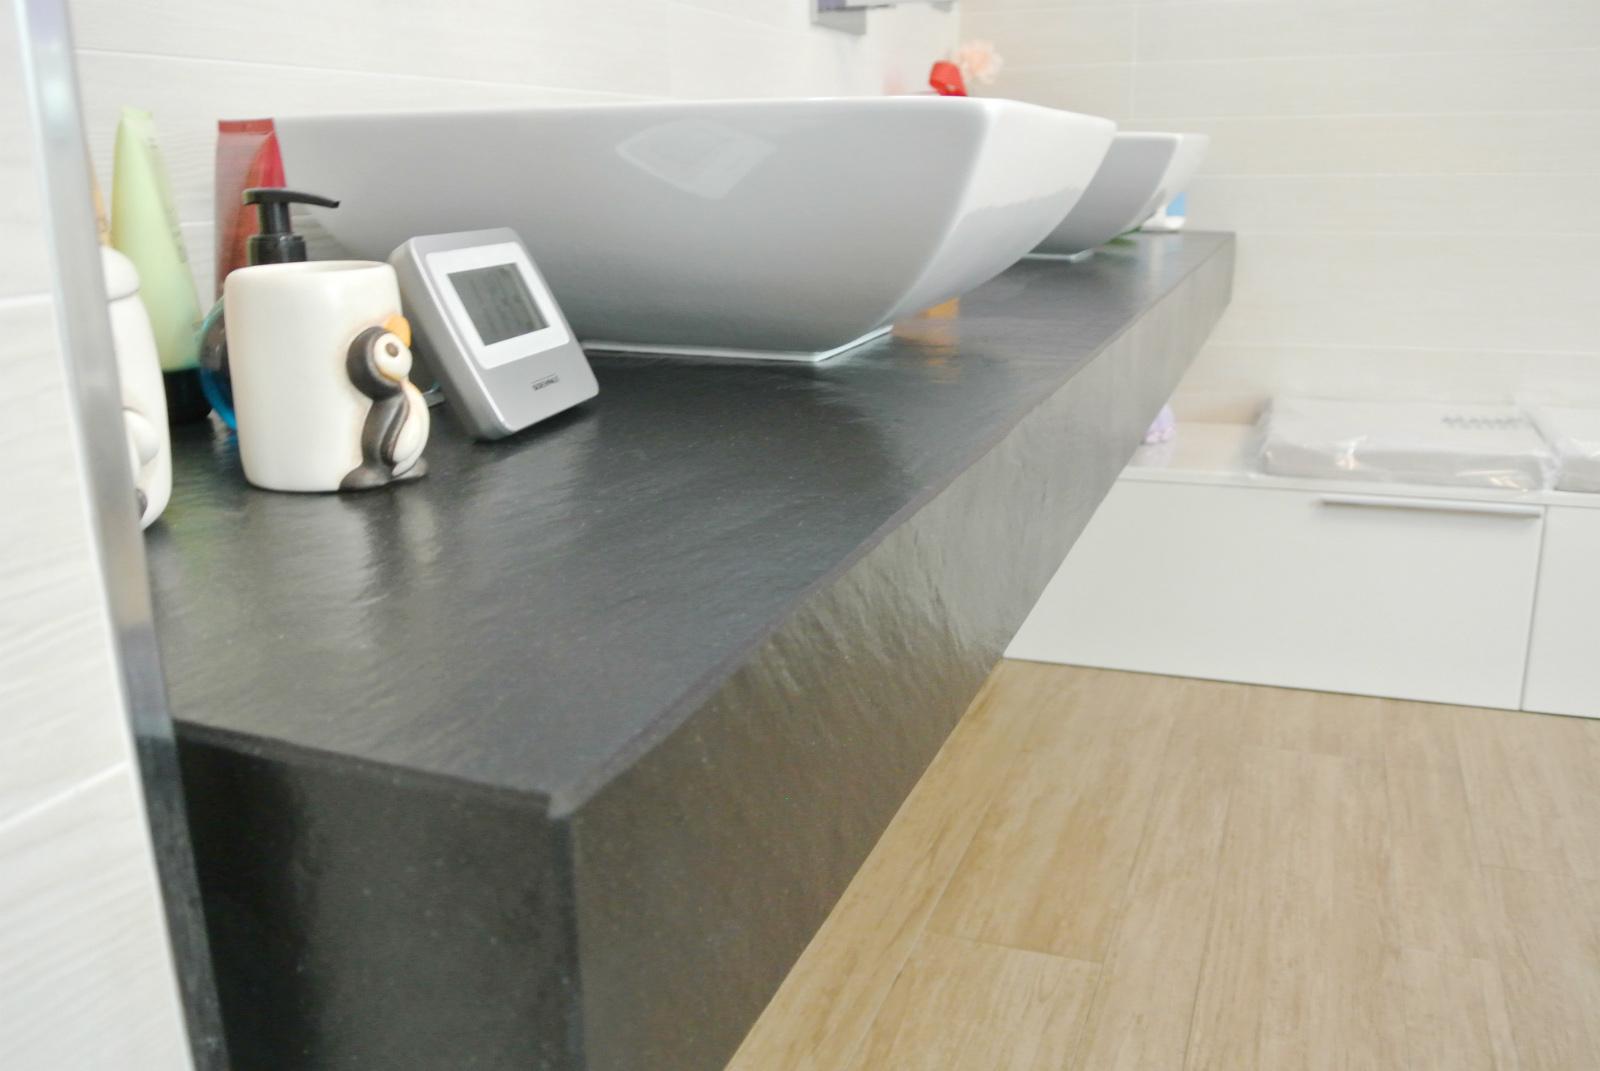 sintesibagno-verbania-svizzera-canton-ticino-piano-lavabo-arredobagno-03